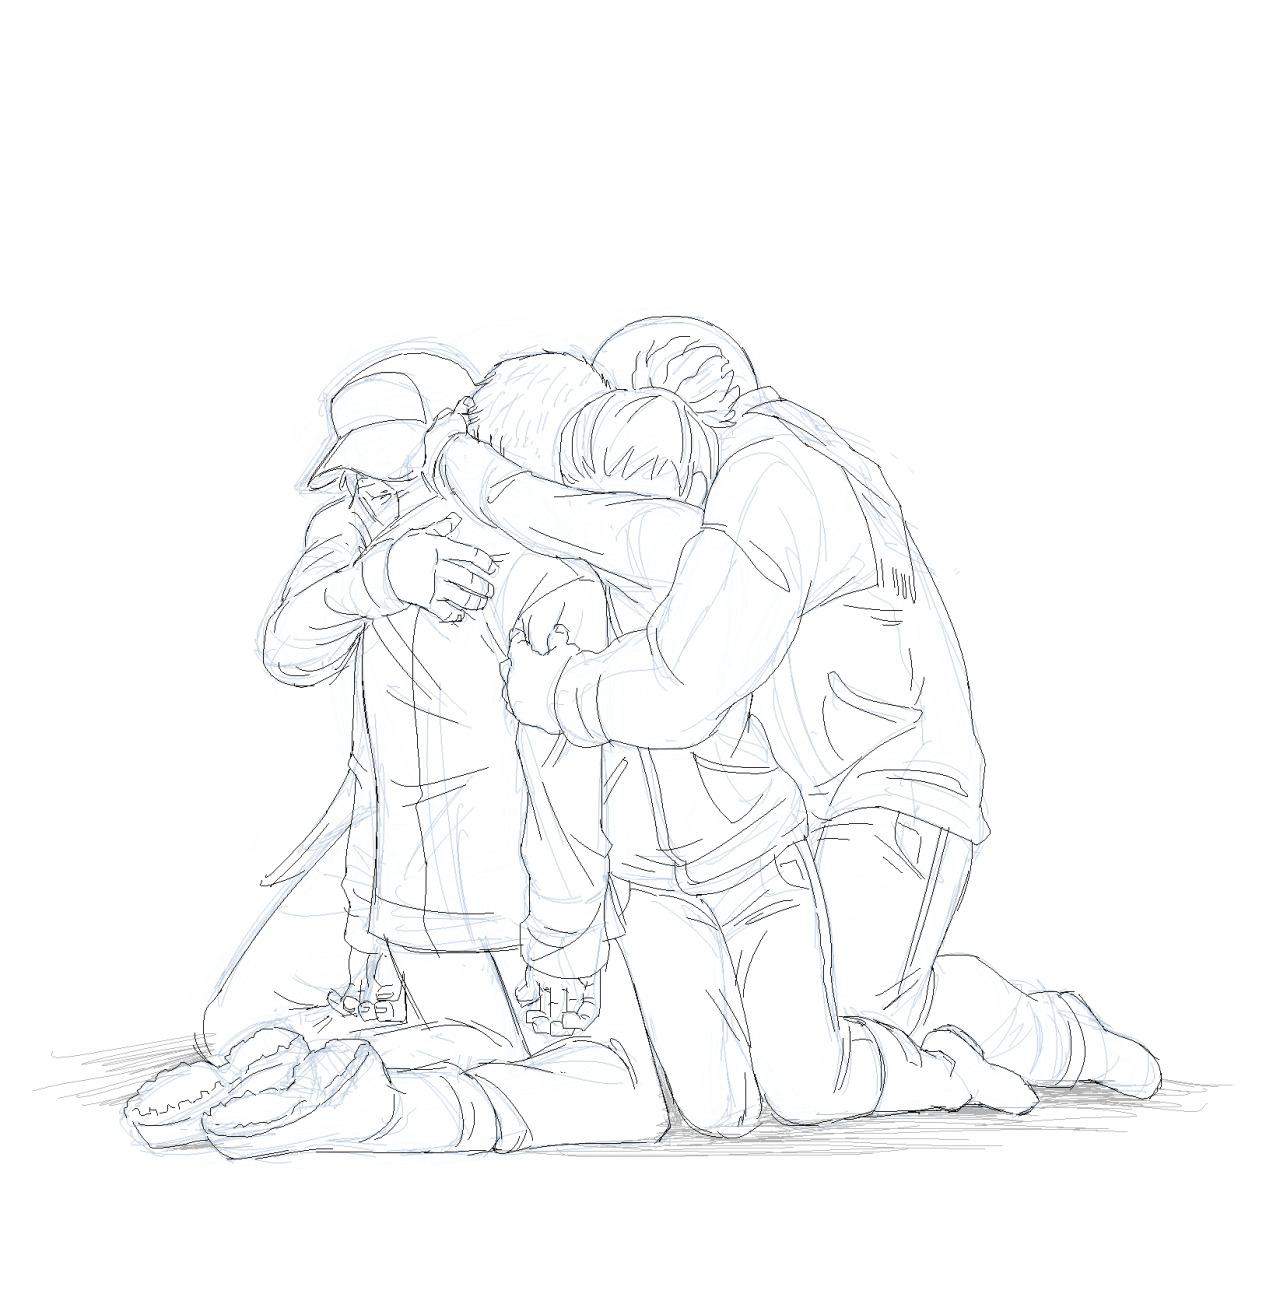 1280x1308 Snufkinwashere, Group Hug, Group Pose